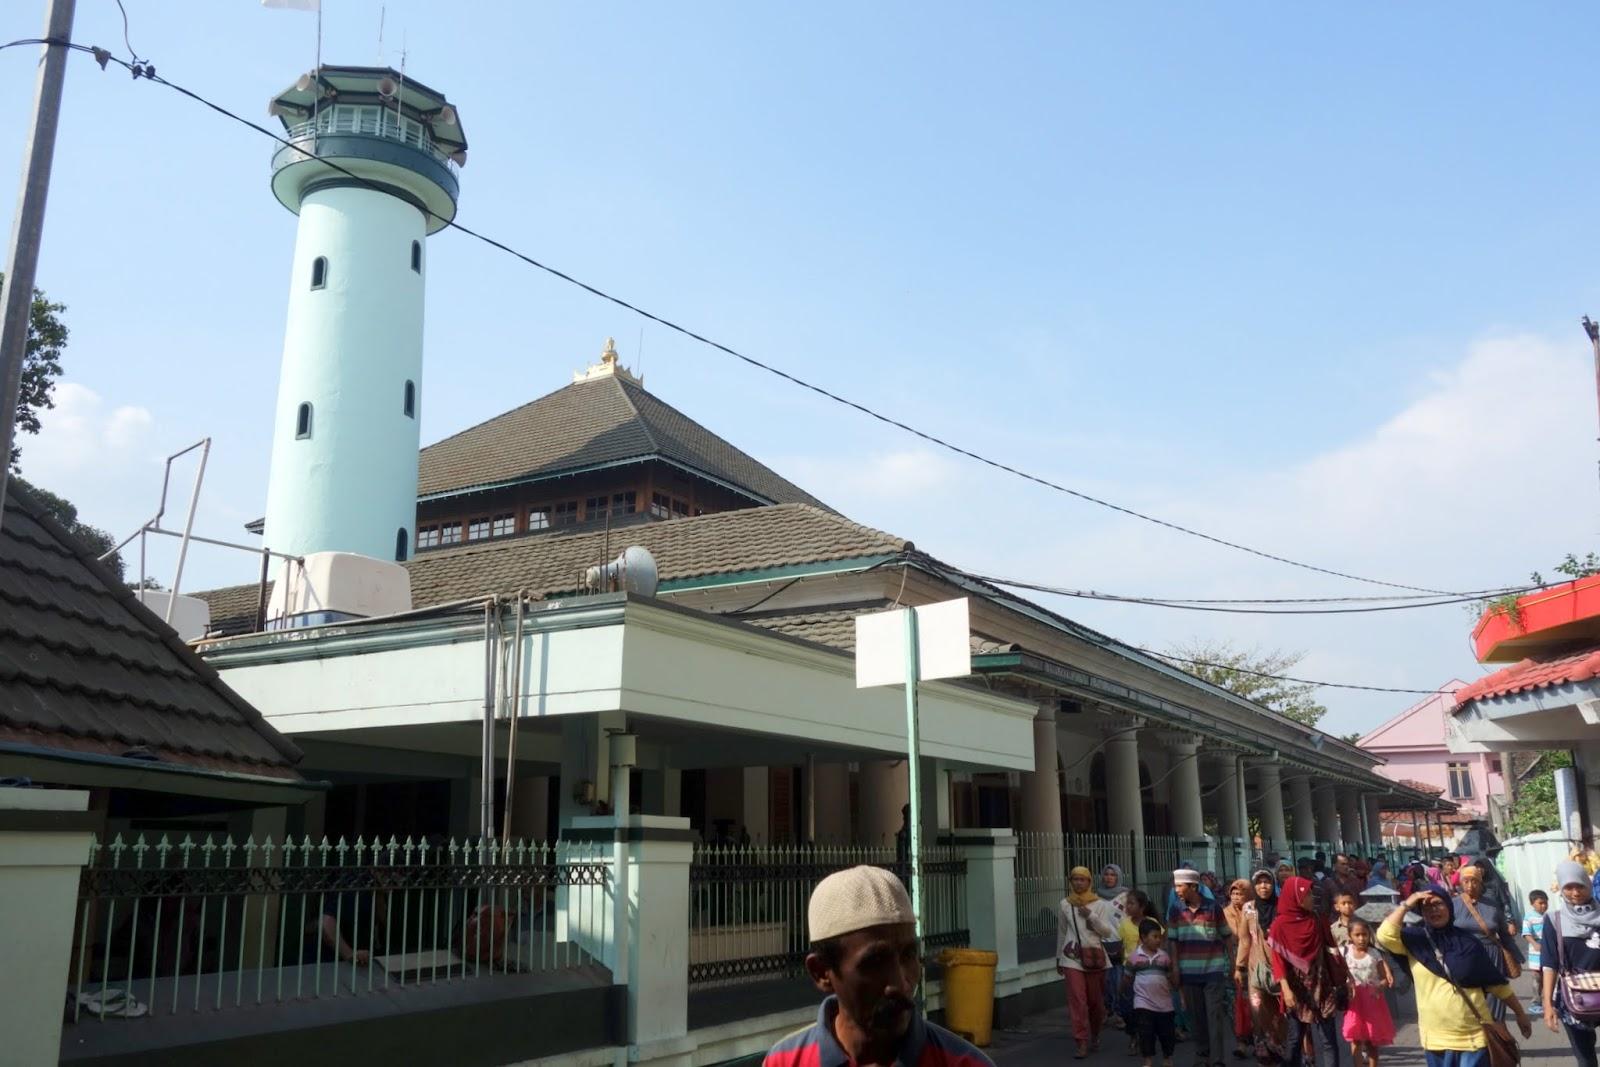 Tentang Indonesia Masjid Sunan Ampel Surabaya Pergi Berwisata Religi Tua